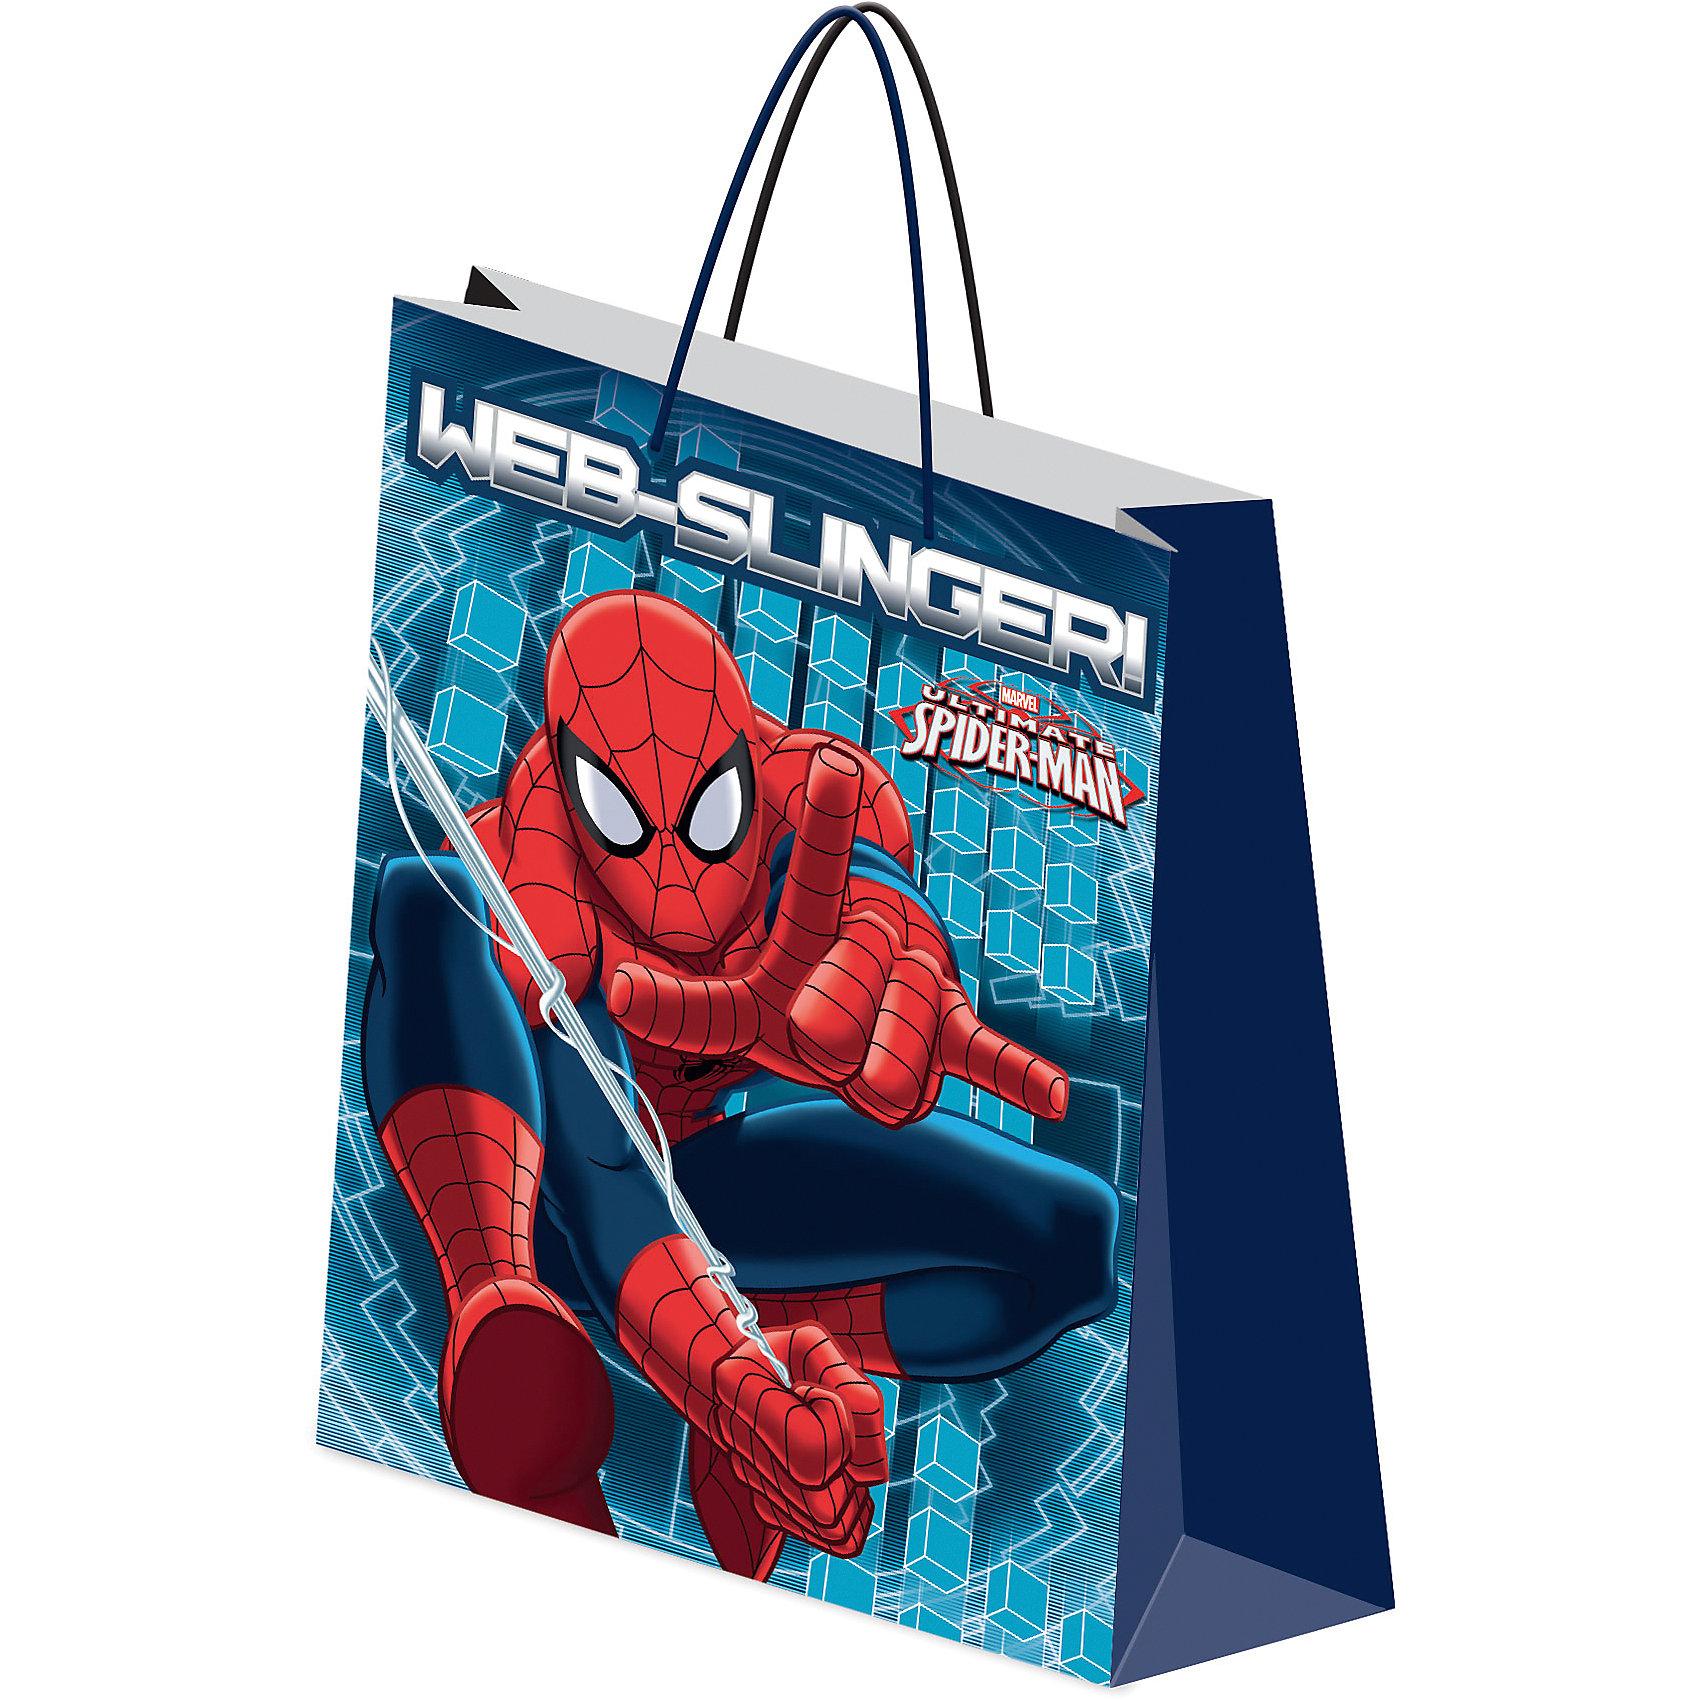 Академия групп Подарочный пакет Человек-Паук академия групп пакет бумажный подарочный 33 43 10 см